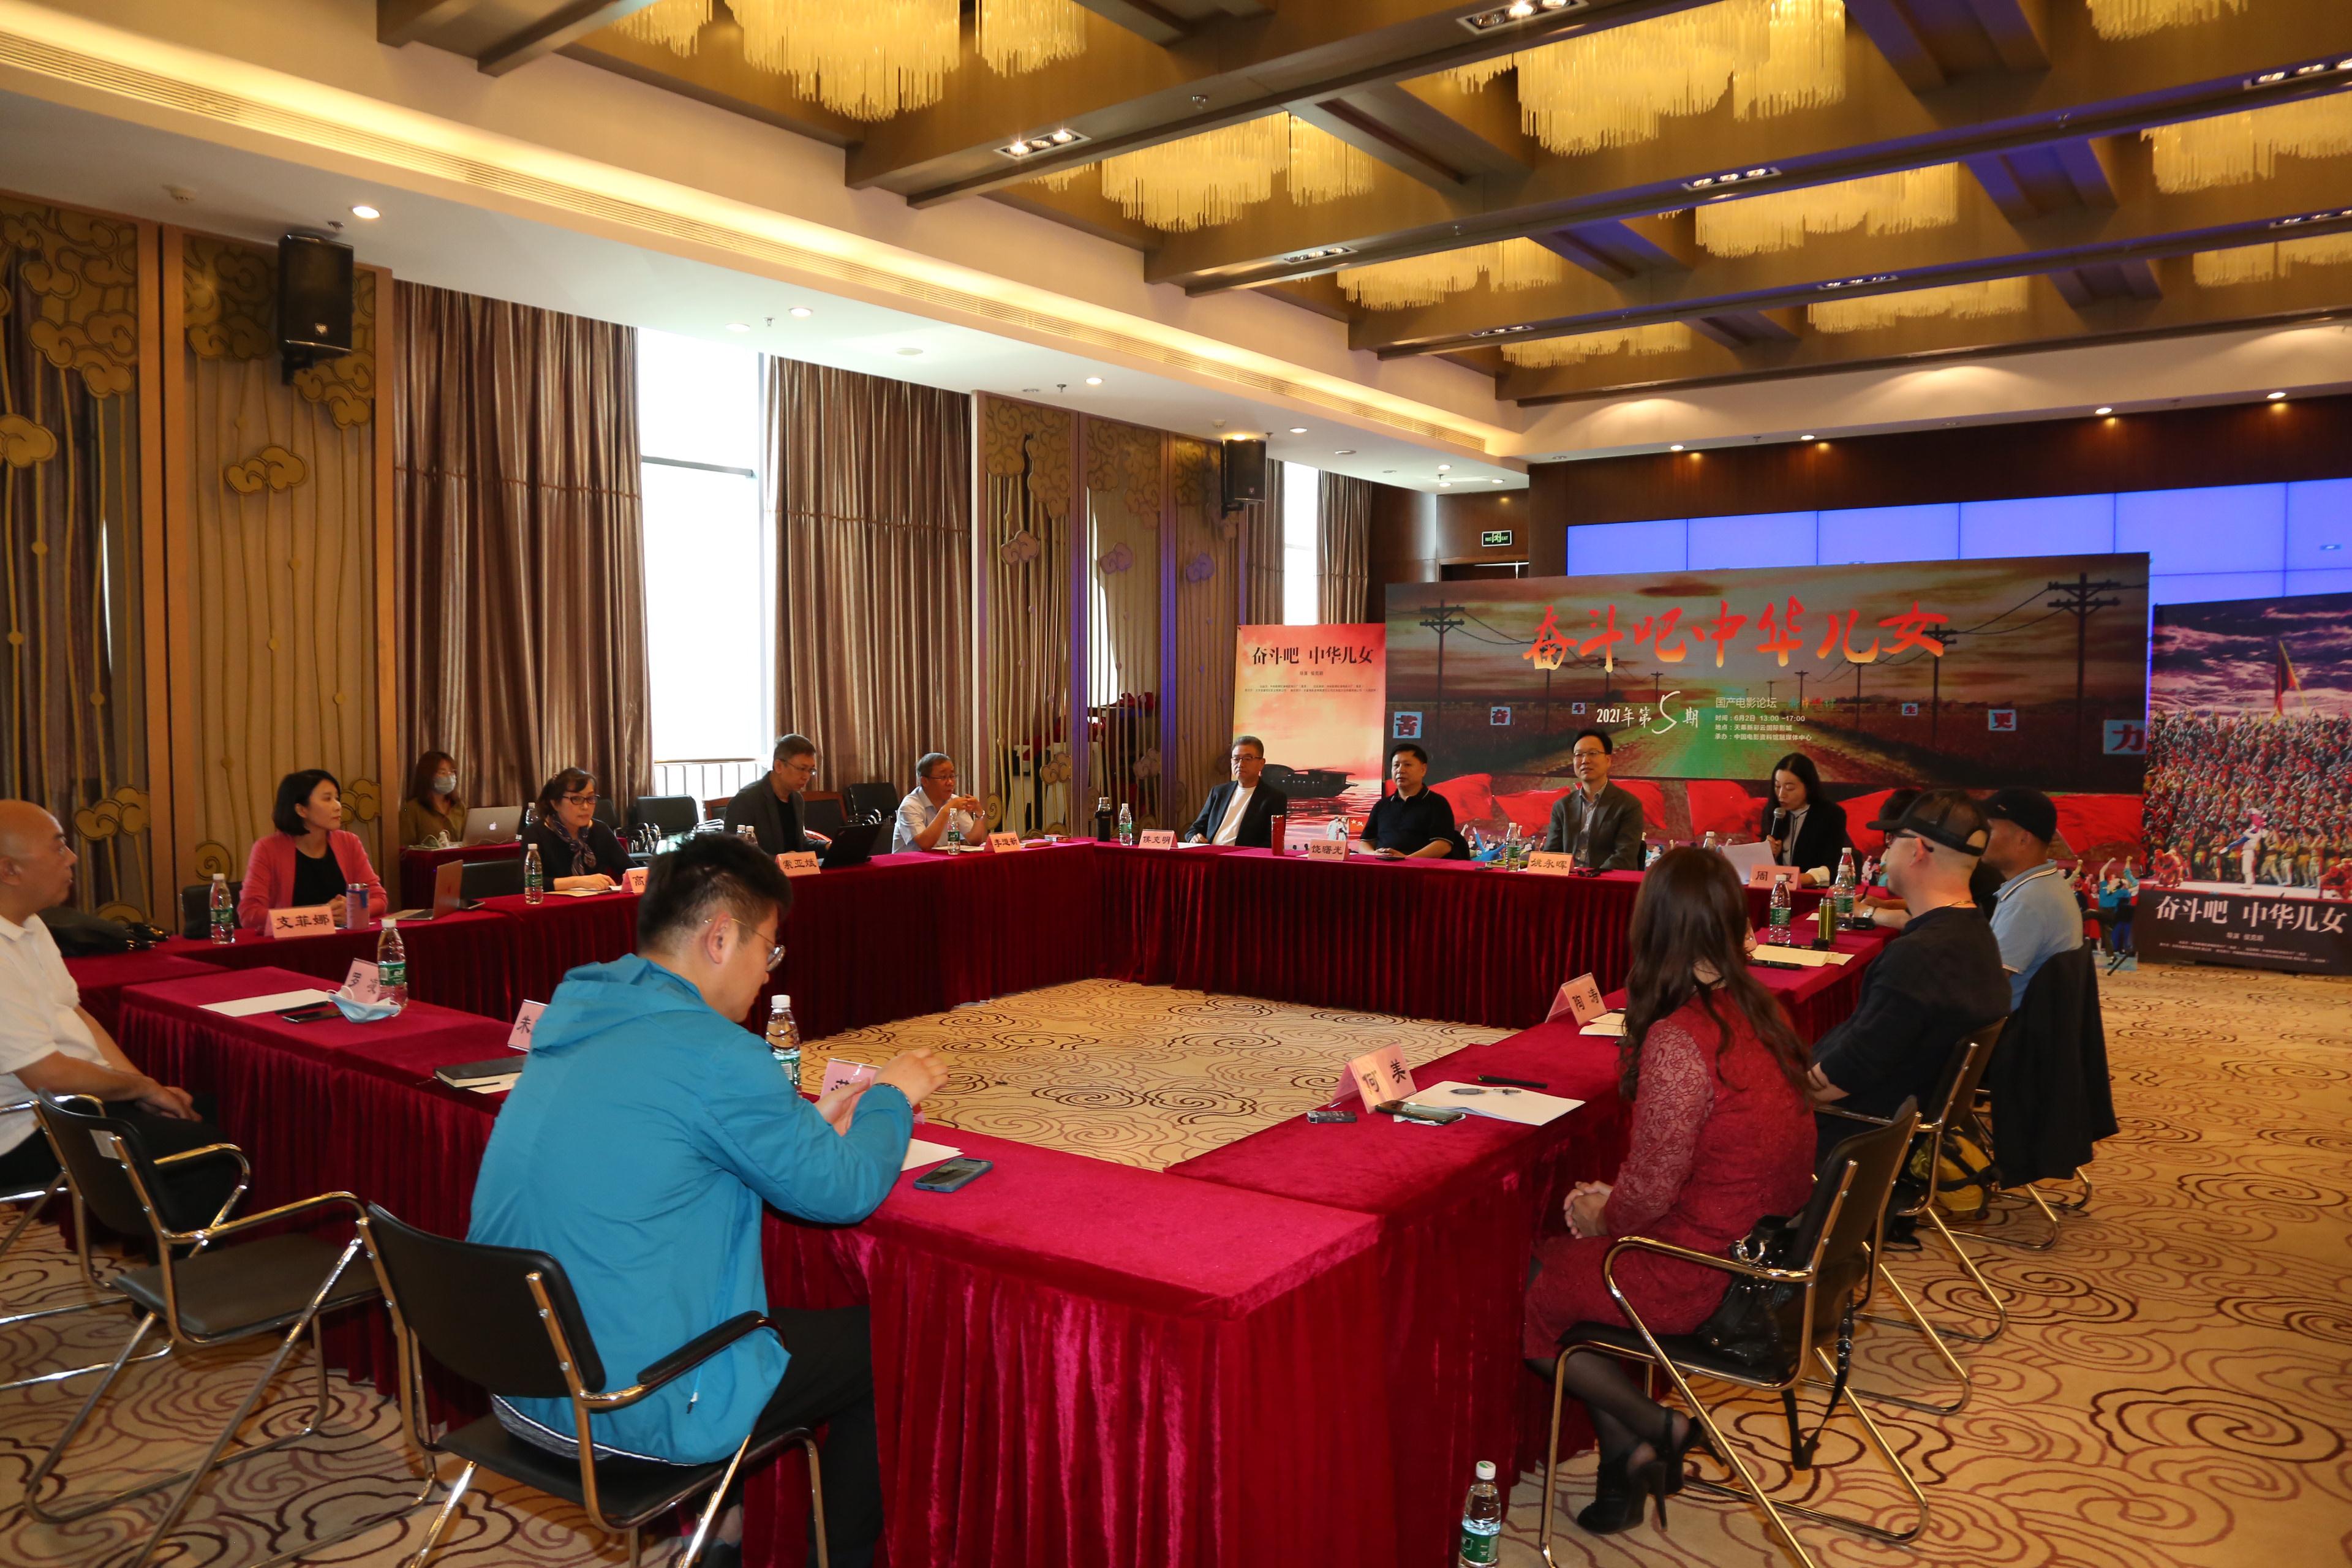 《奮鬥吧 中華兒女》舉行研討會 影片風格獲盛讚